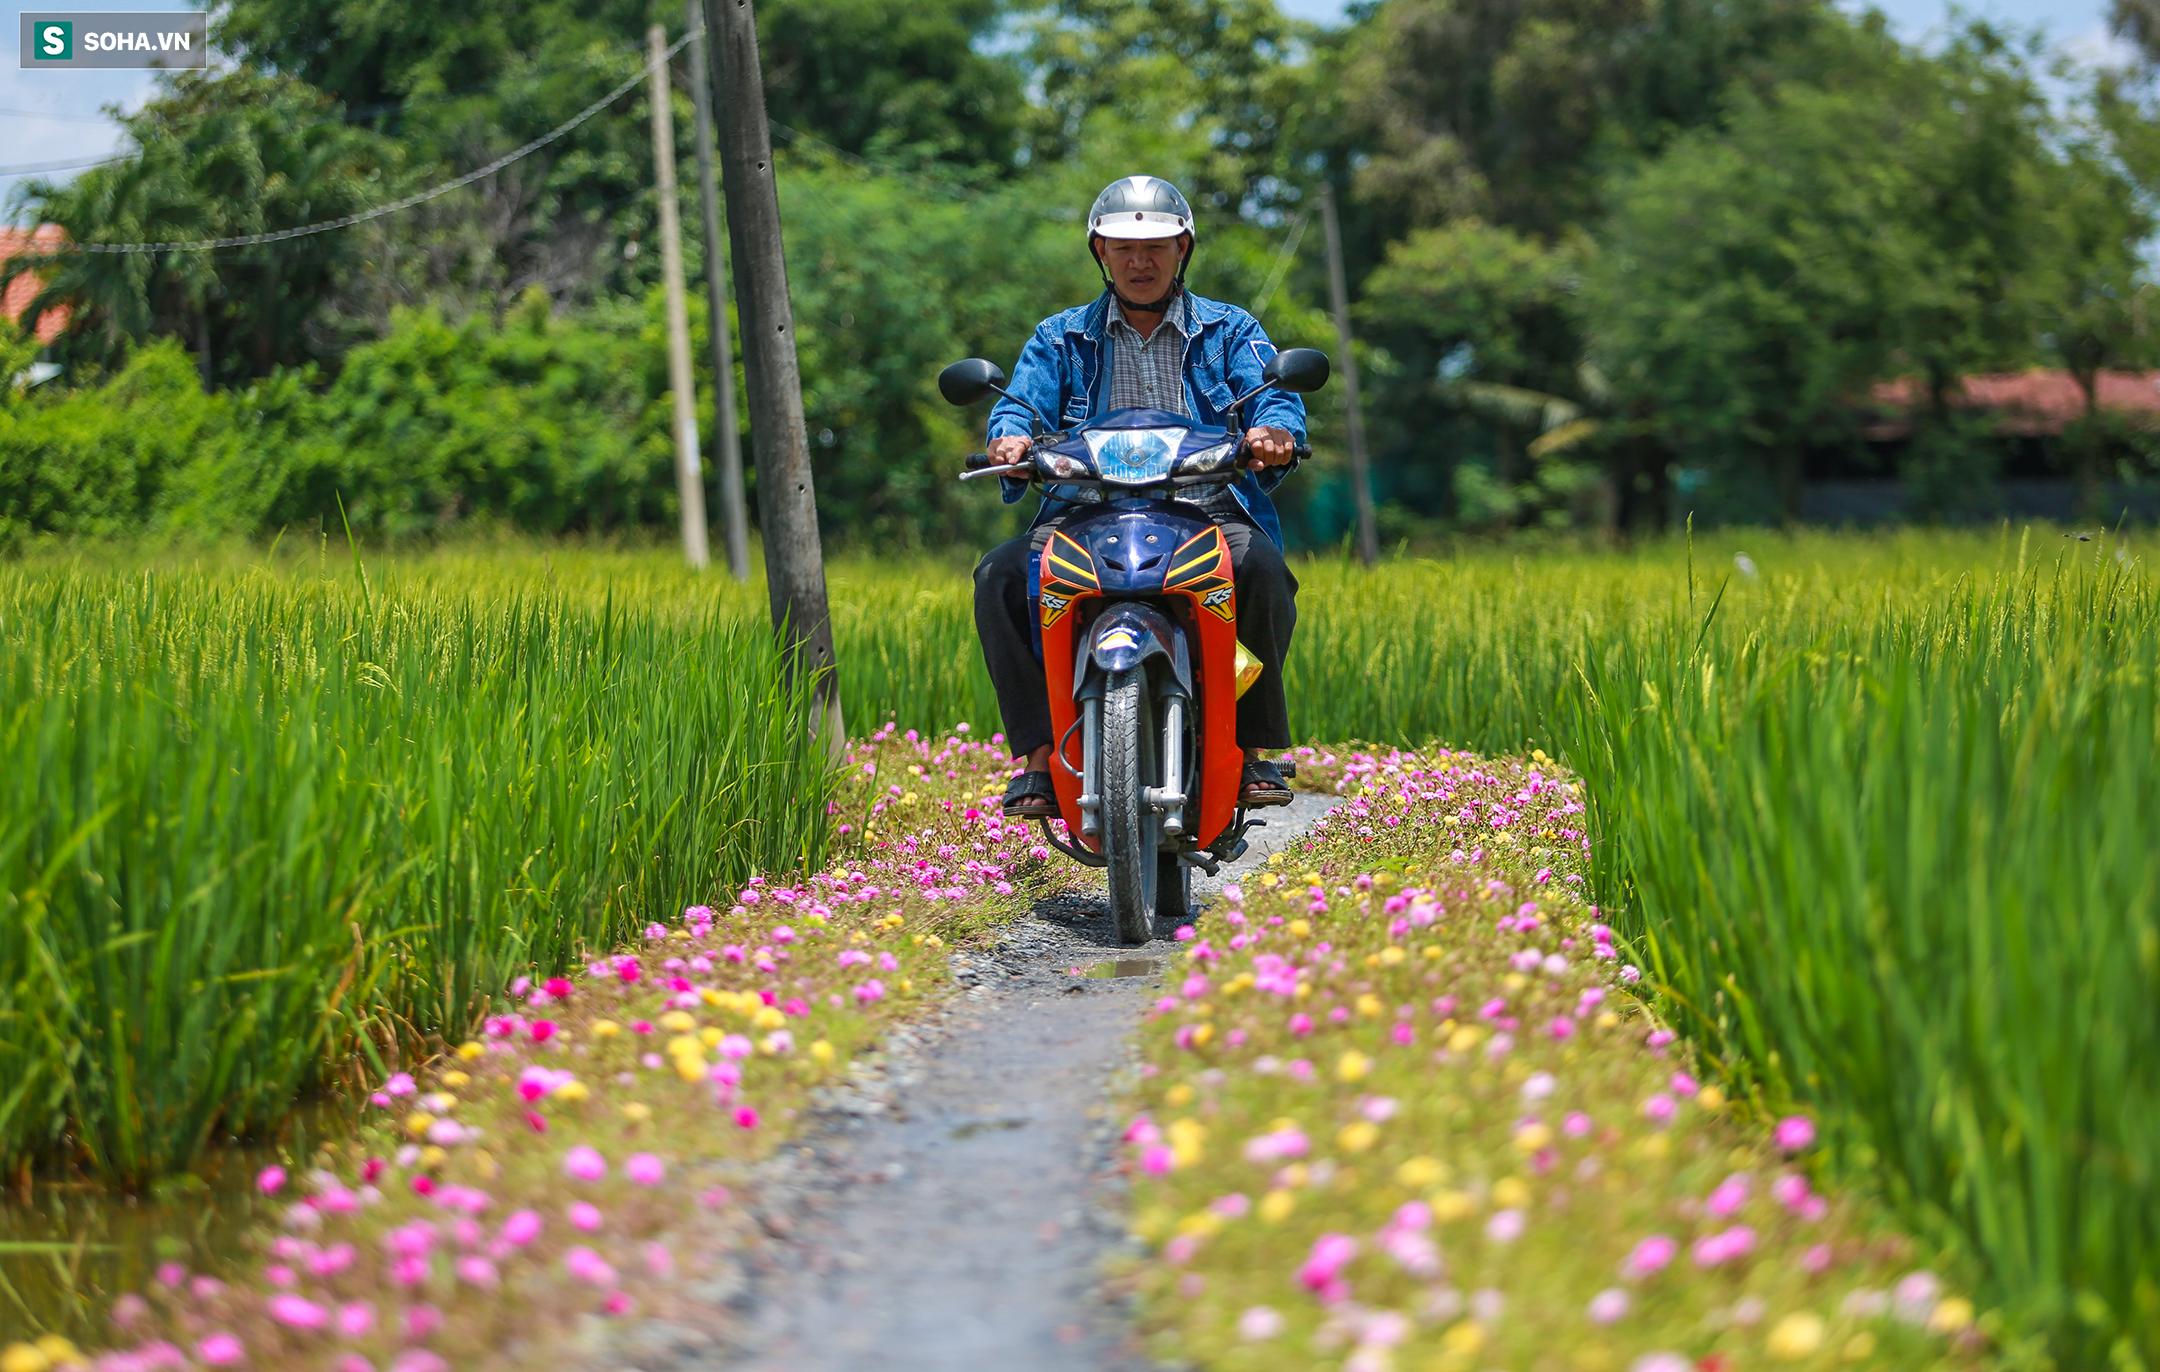 [Ảnh] Con đường hoa mười giờ len lỏi giữa đồng lúa xanh đẹp như tranh ở Sài Gòn - Ảnh 8.